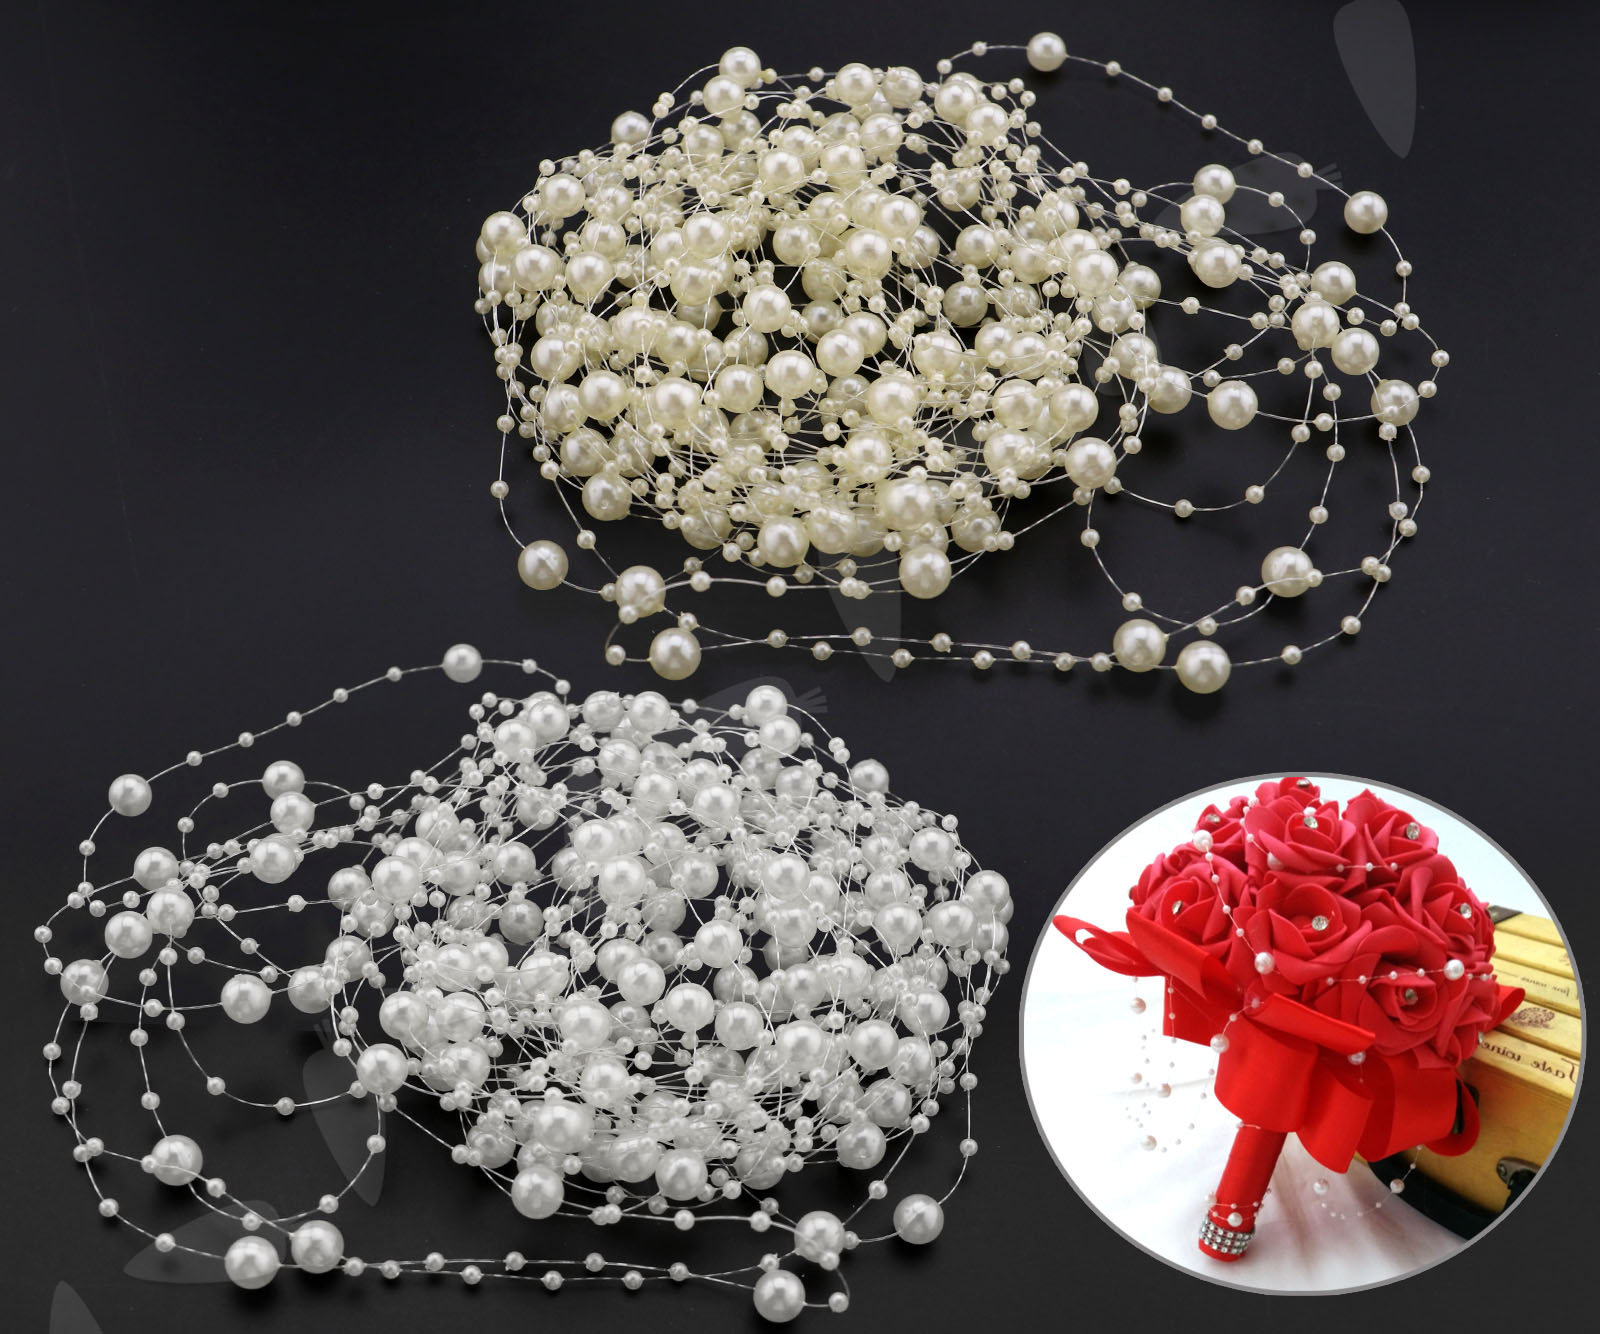 10m Perlengirlande 8mm 3mm Acryl Hochzeit Tischdeko Perlenband Ebay